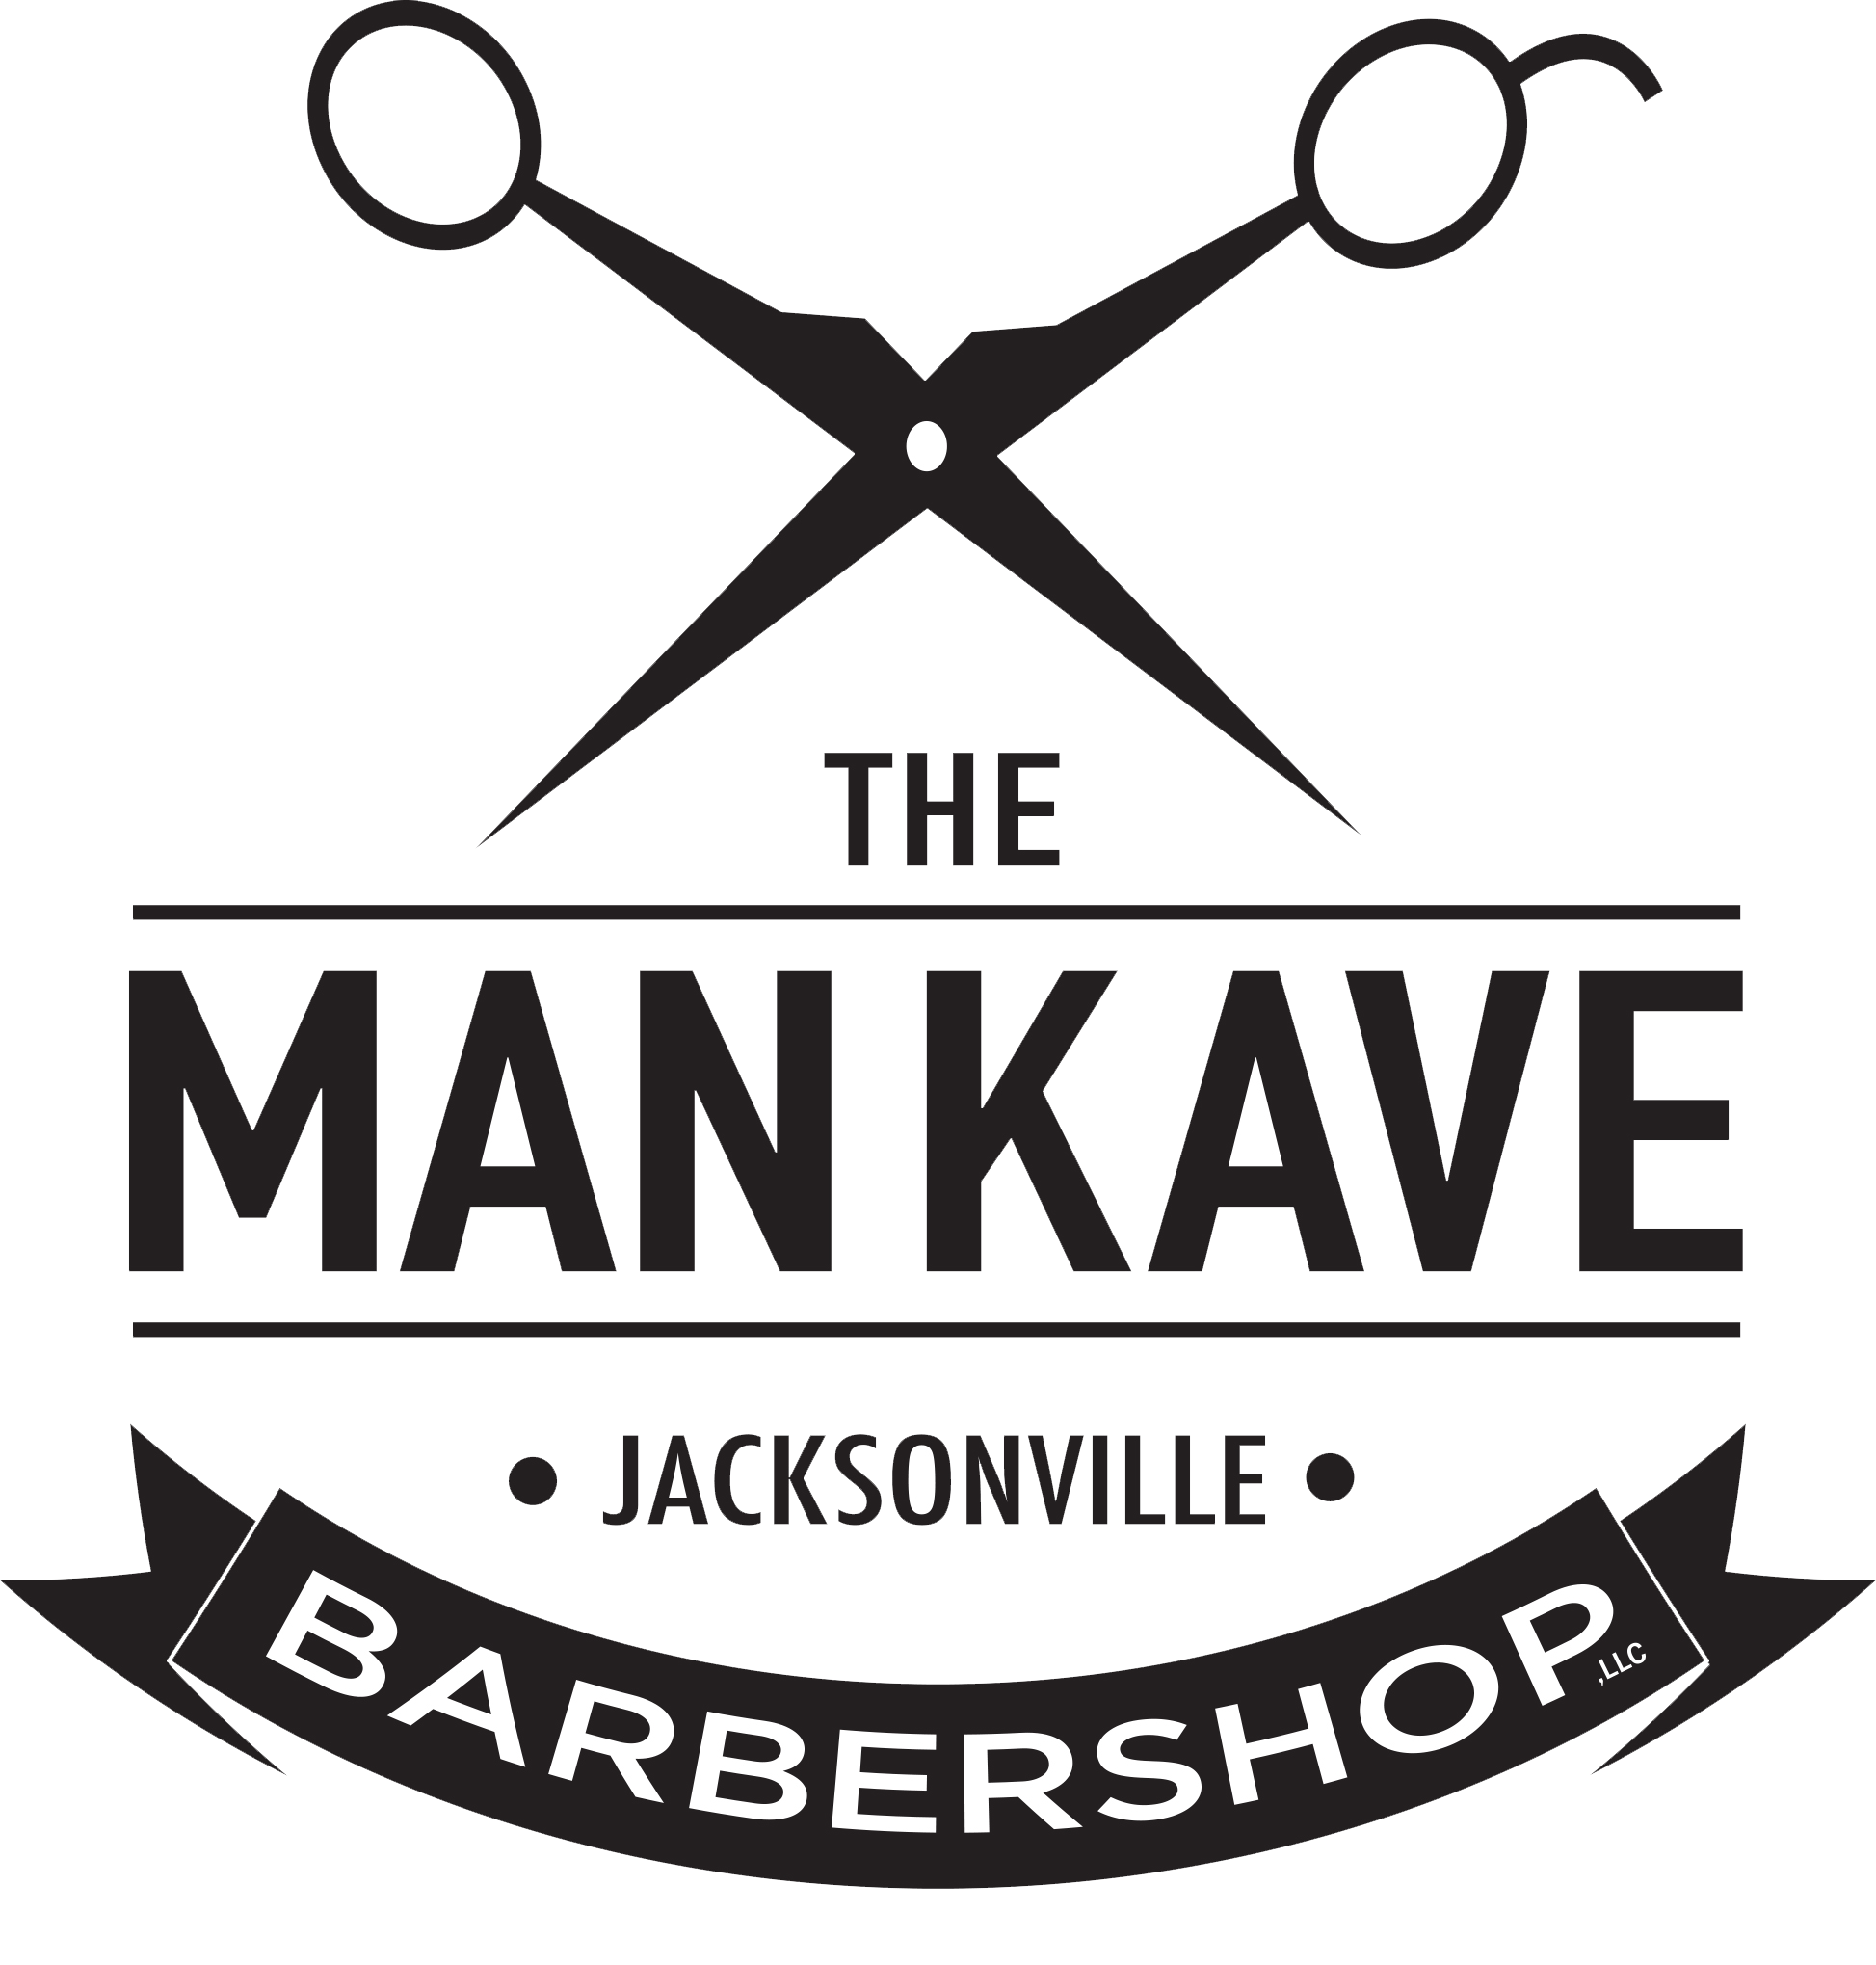 ManKaveLogo2-ek_design.png